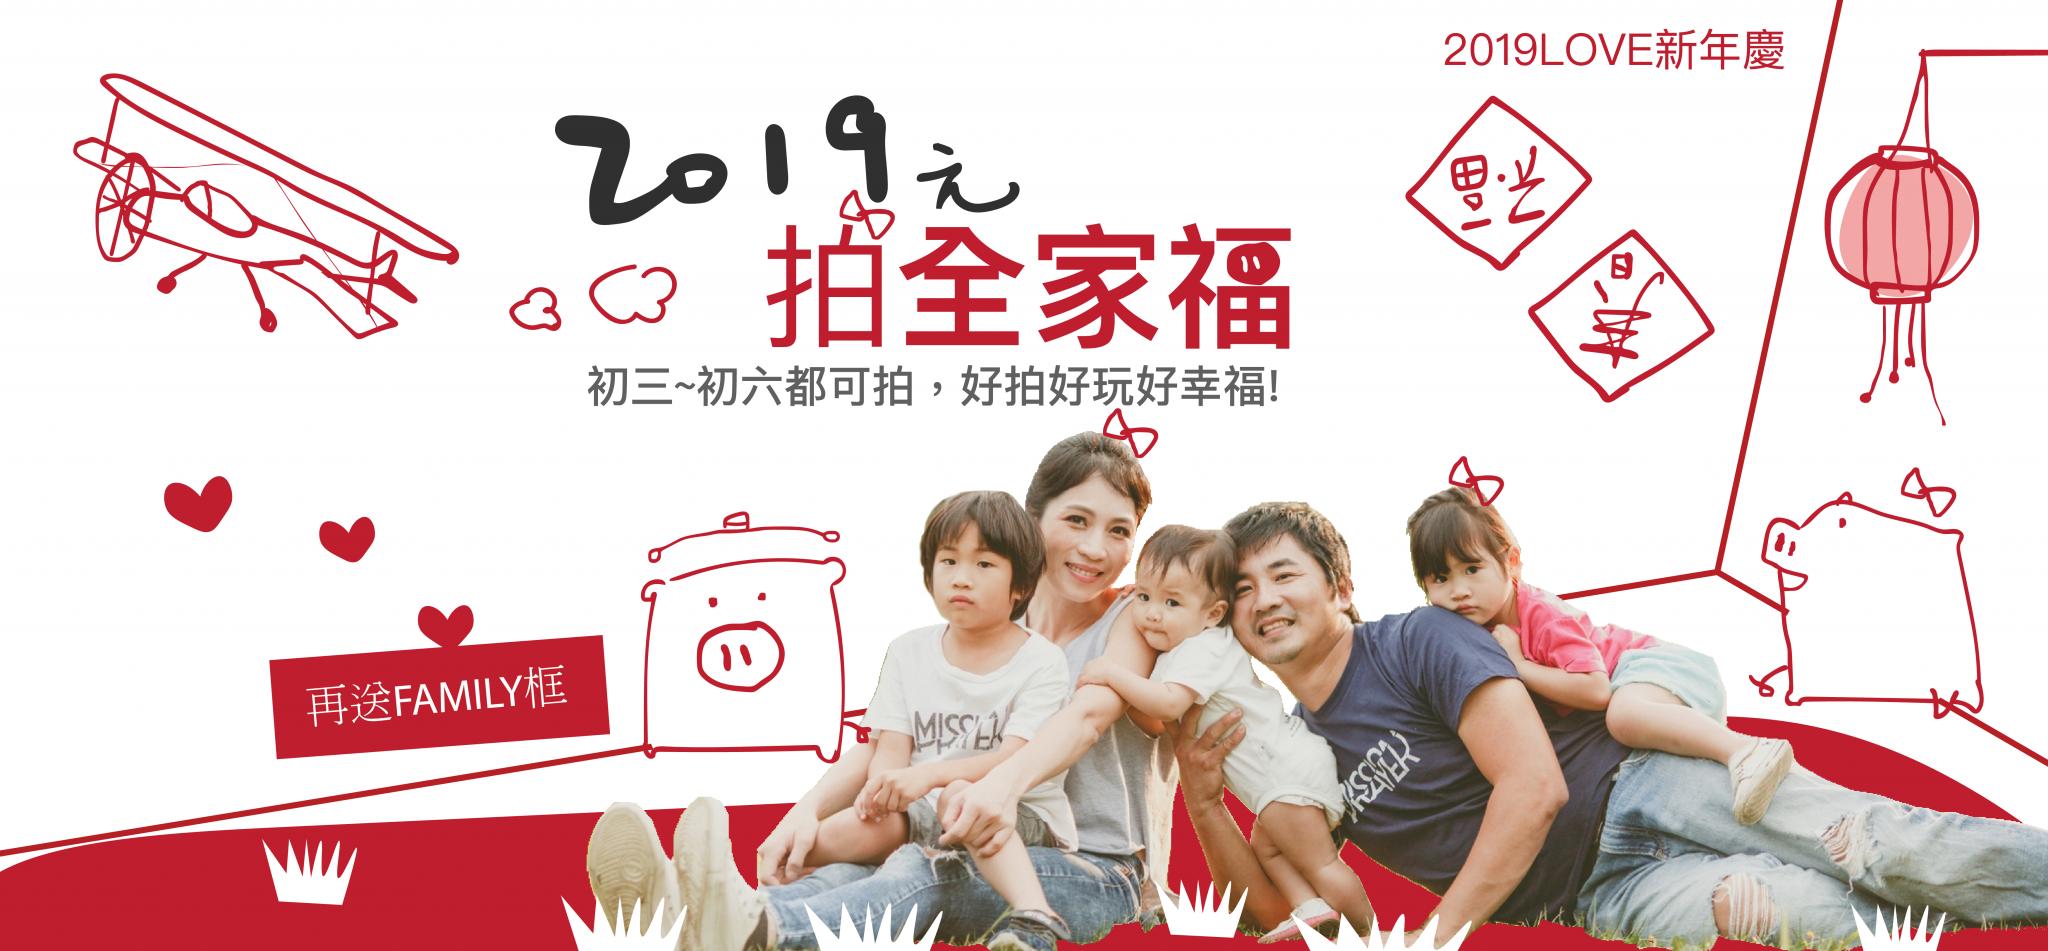 2019新年慶C-官網-01_0